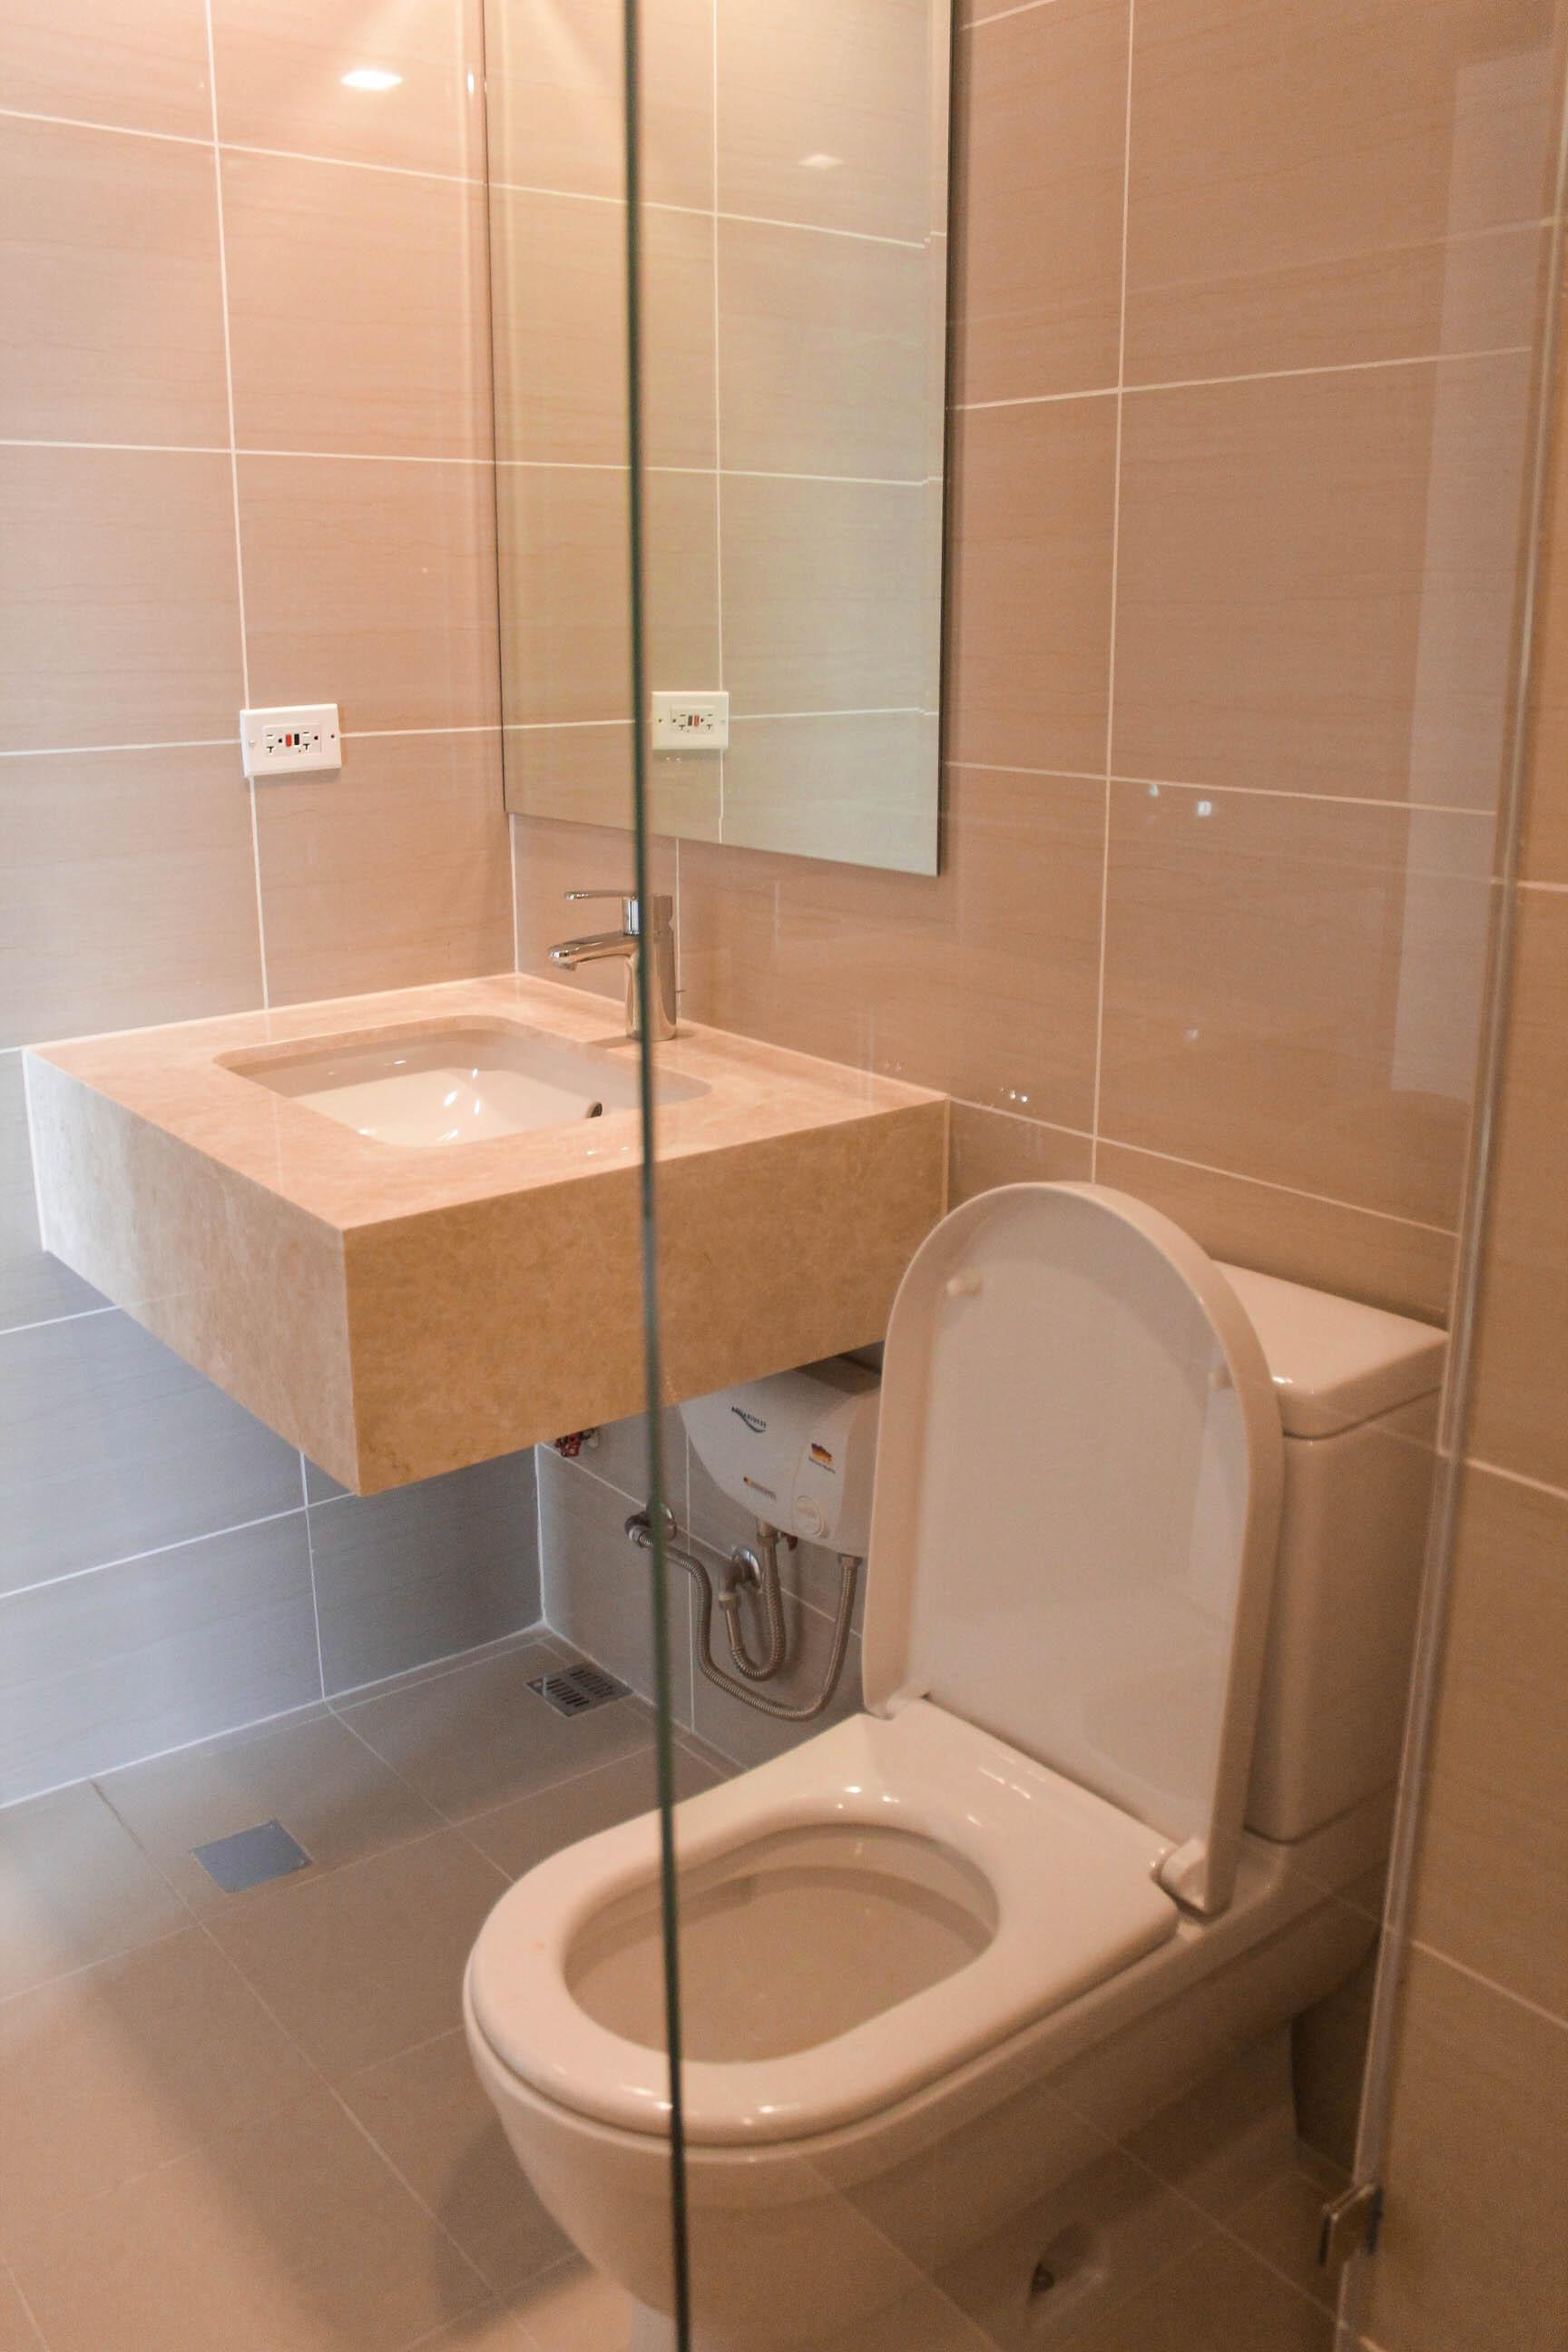 3BR Condominium in Mc Kinley for Rent